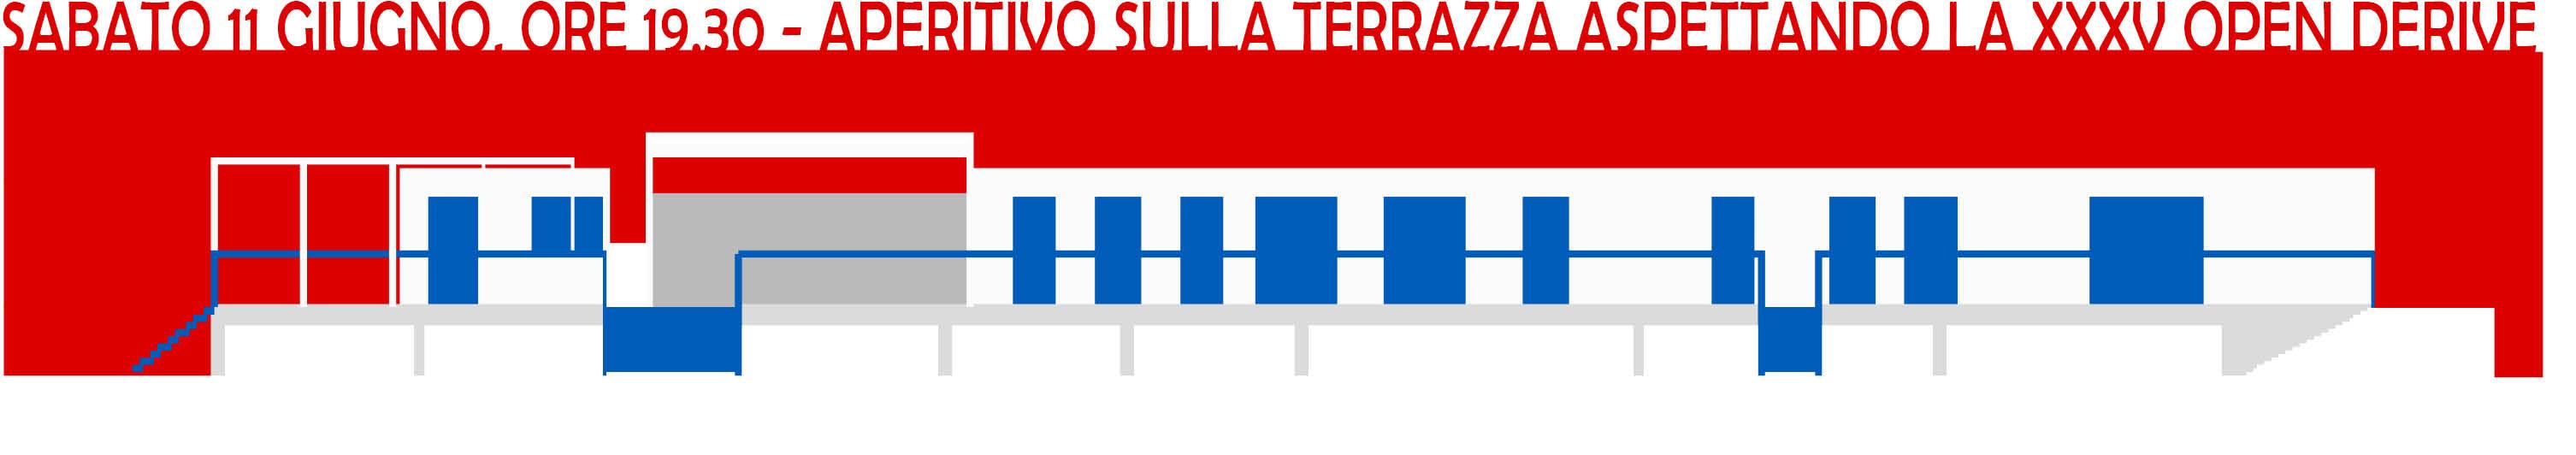 APERITIVO SULLA TERRAZZA